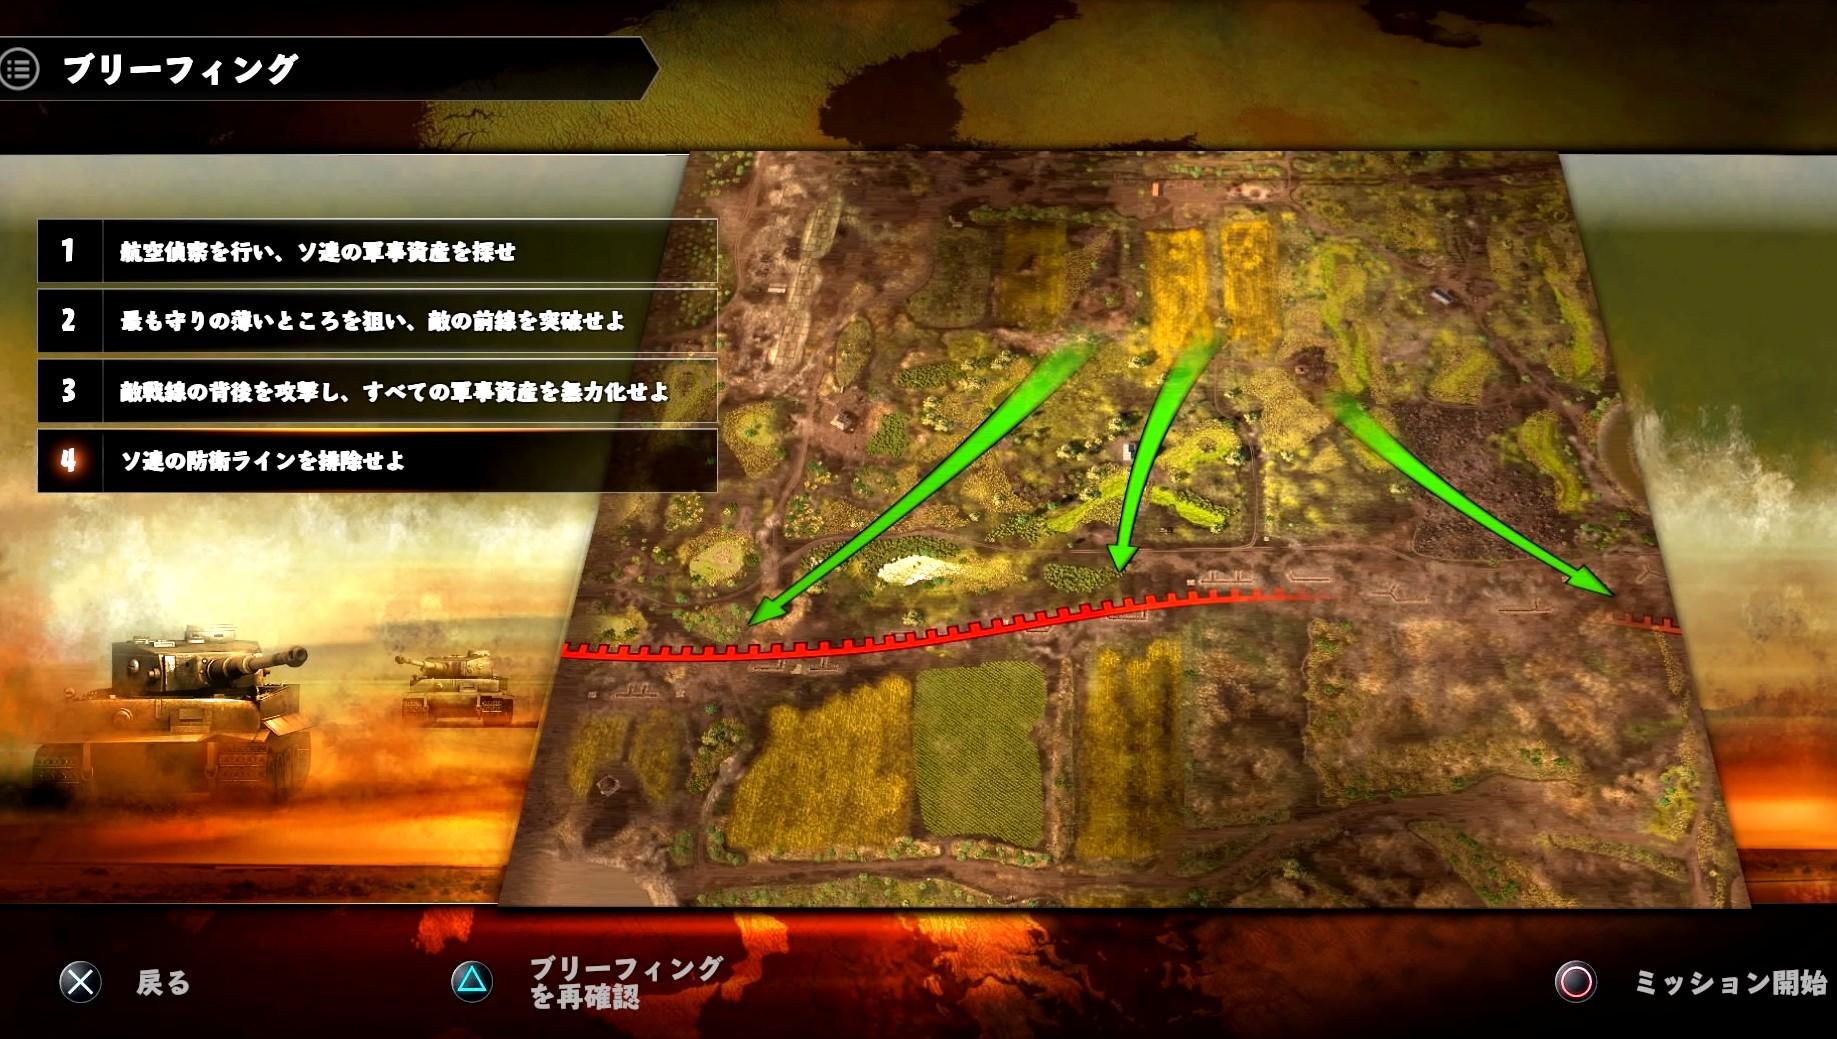 プランダー作戦(連合軍)☆3攻略ミ...